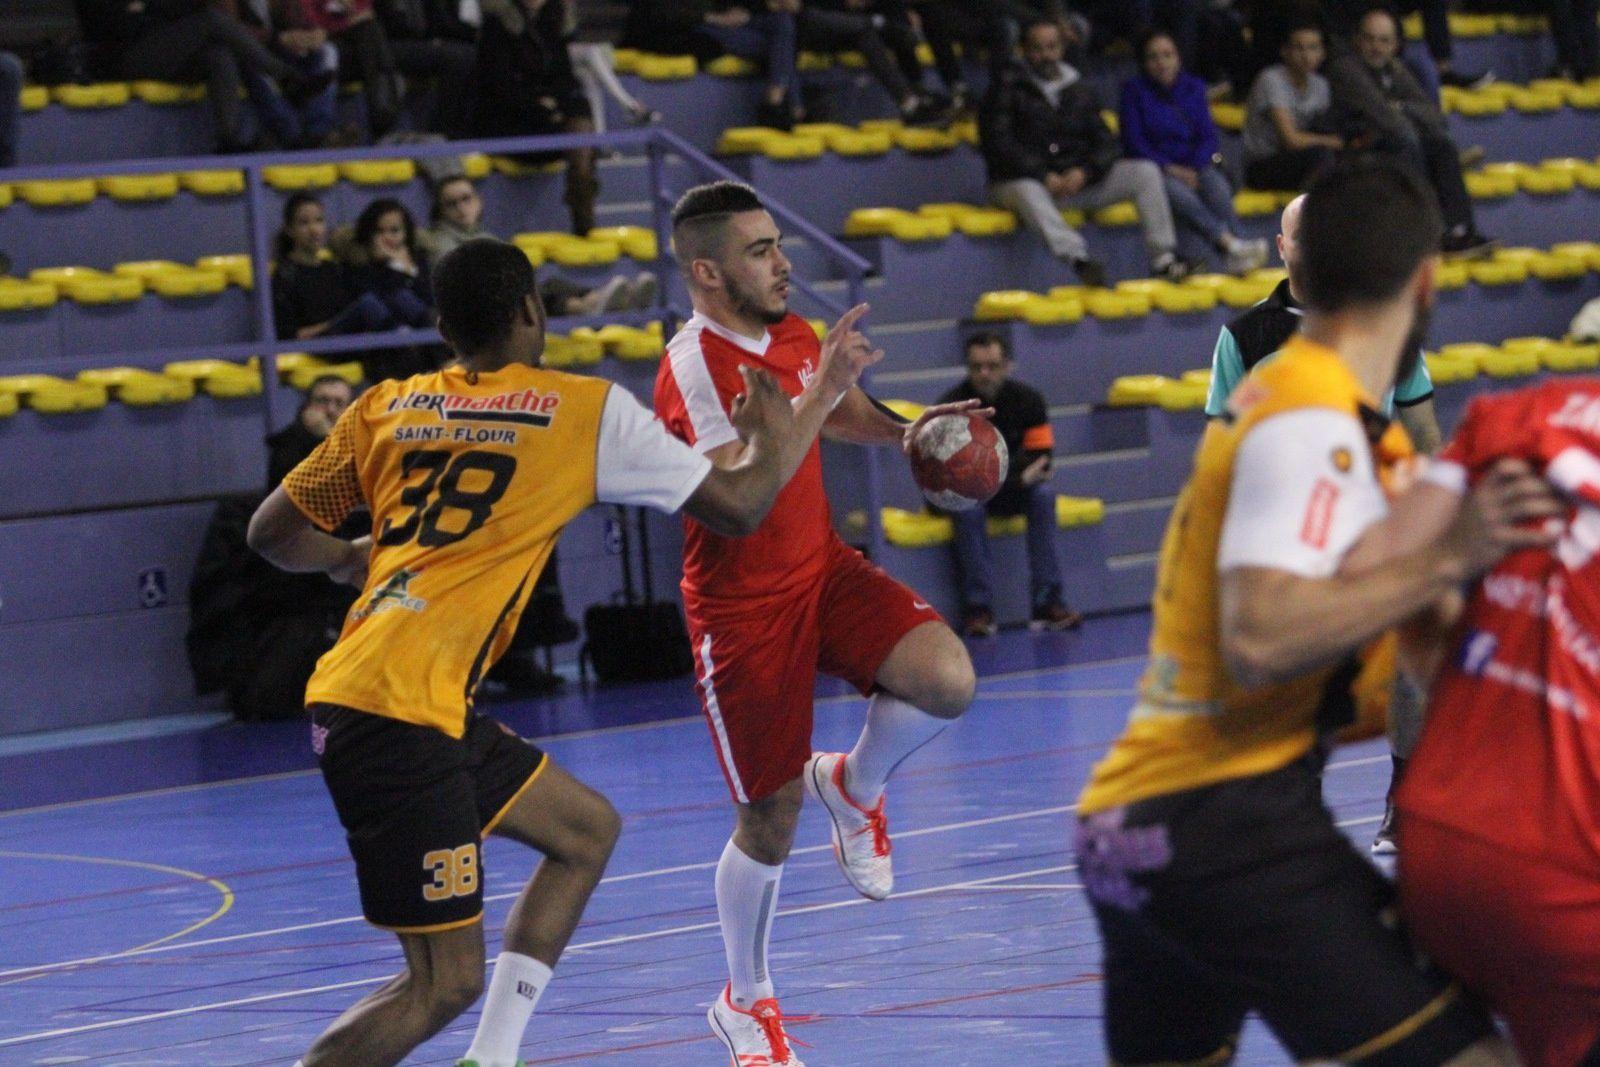 Vénissieux Handball s'est imposé logiquement face aux Auvergnats de Saint Flour